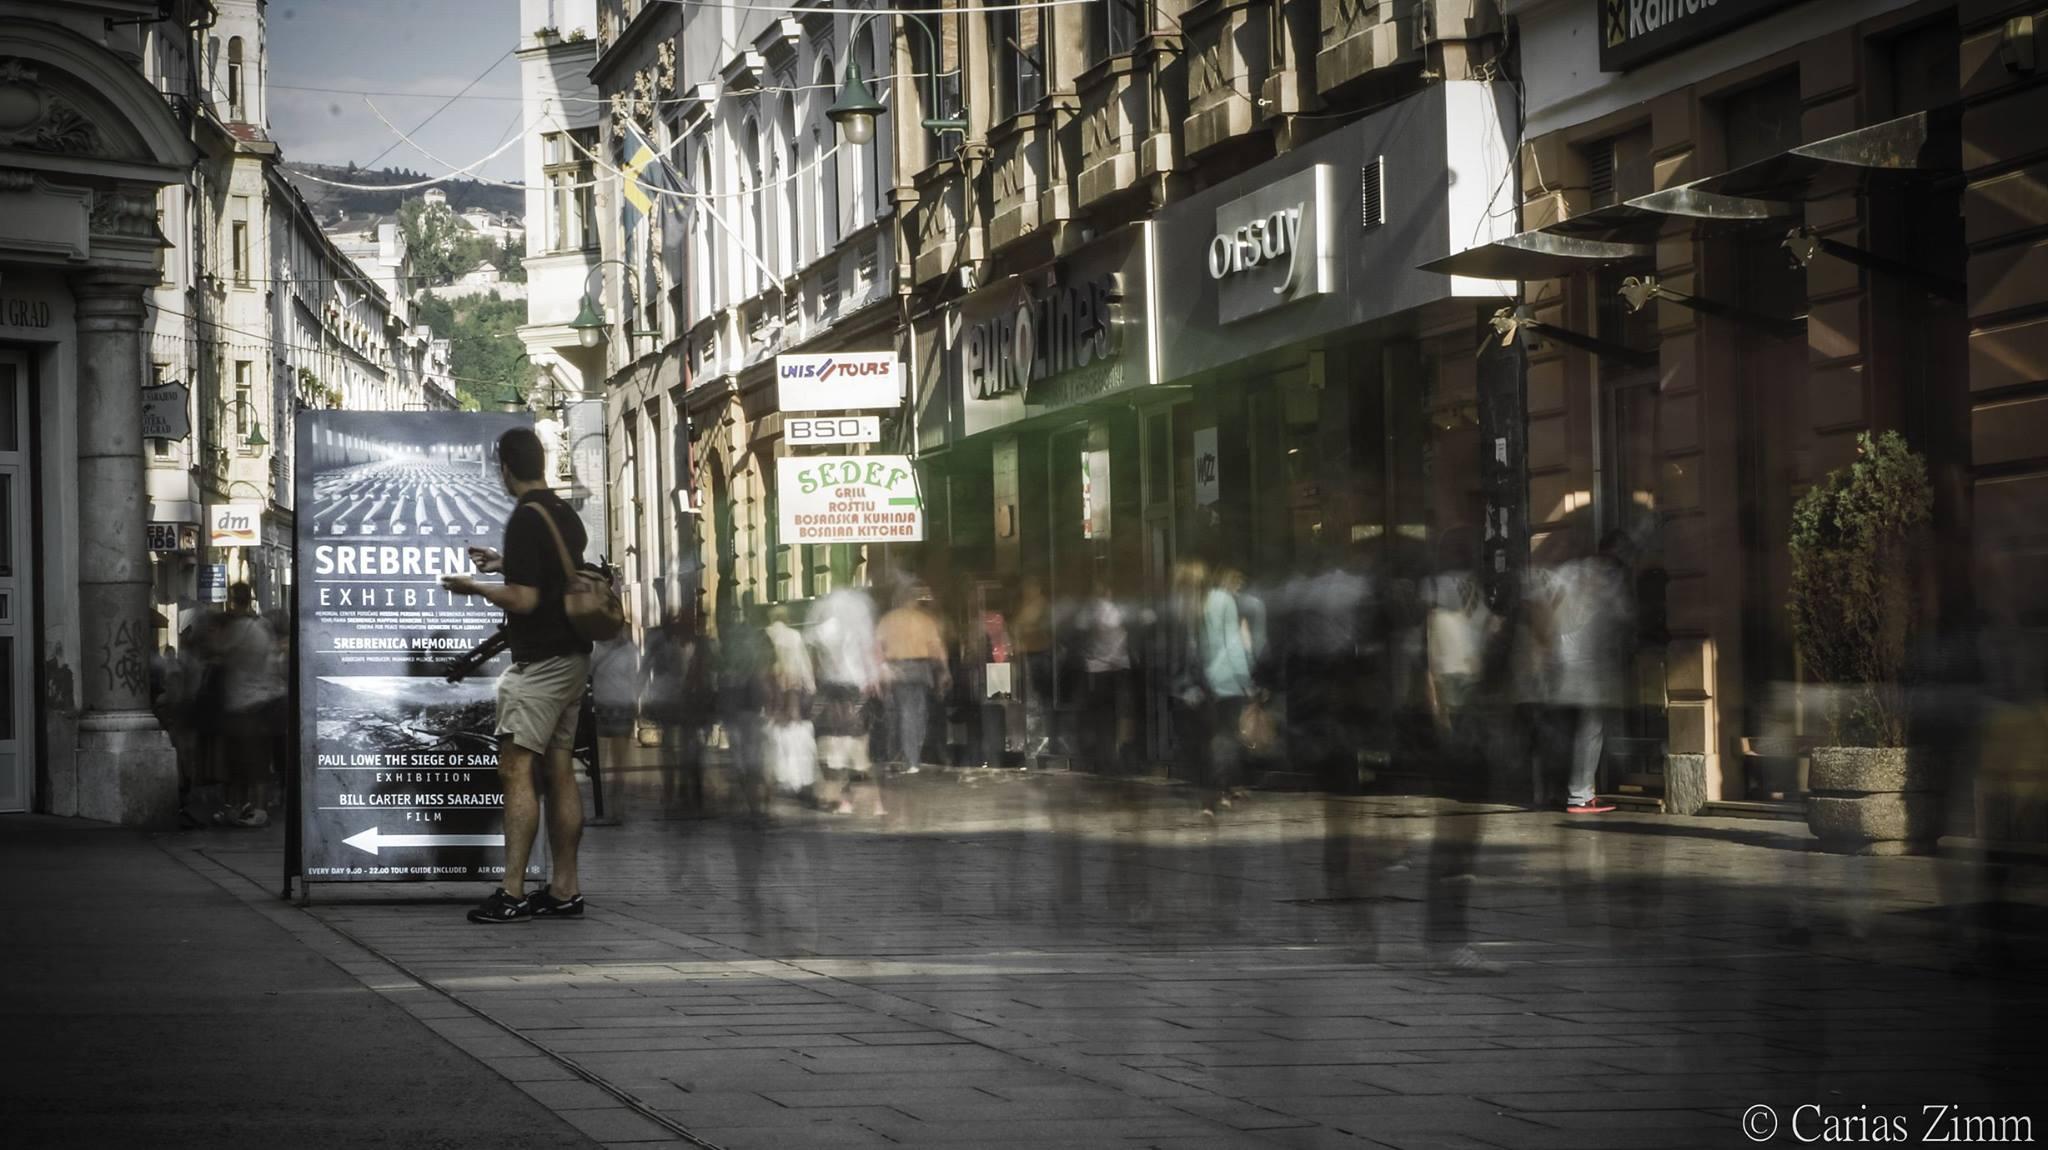 Vrijeme teče Ferhadijom (Sarajevo, foto: Carias Zimm)